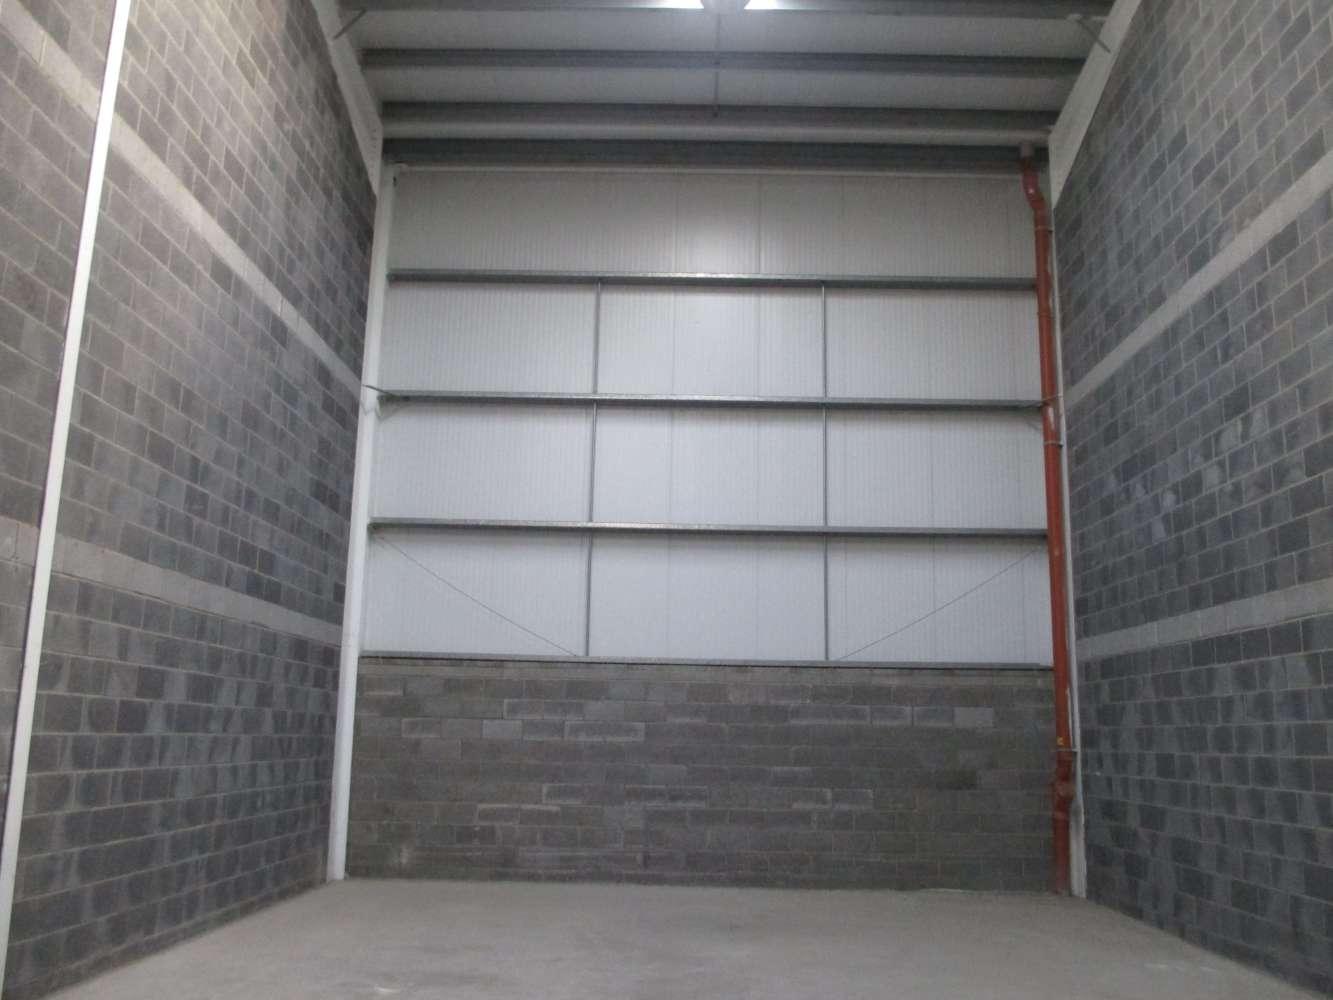 Industrial Co dublin, D24 YX29 - Units A2, A5, A6 & A8, Block 513 Greenogue Business Park